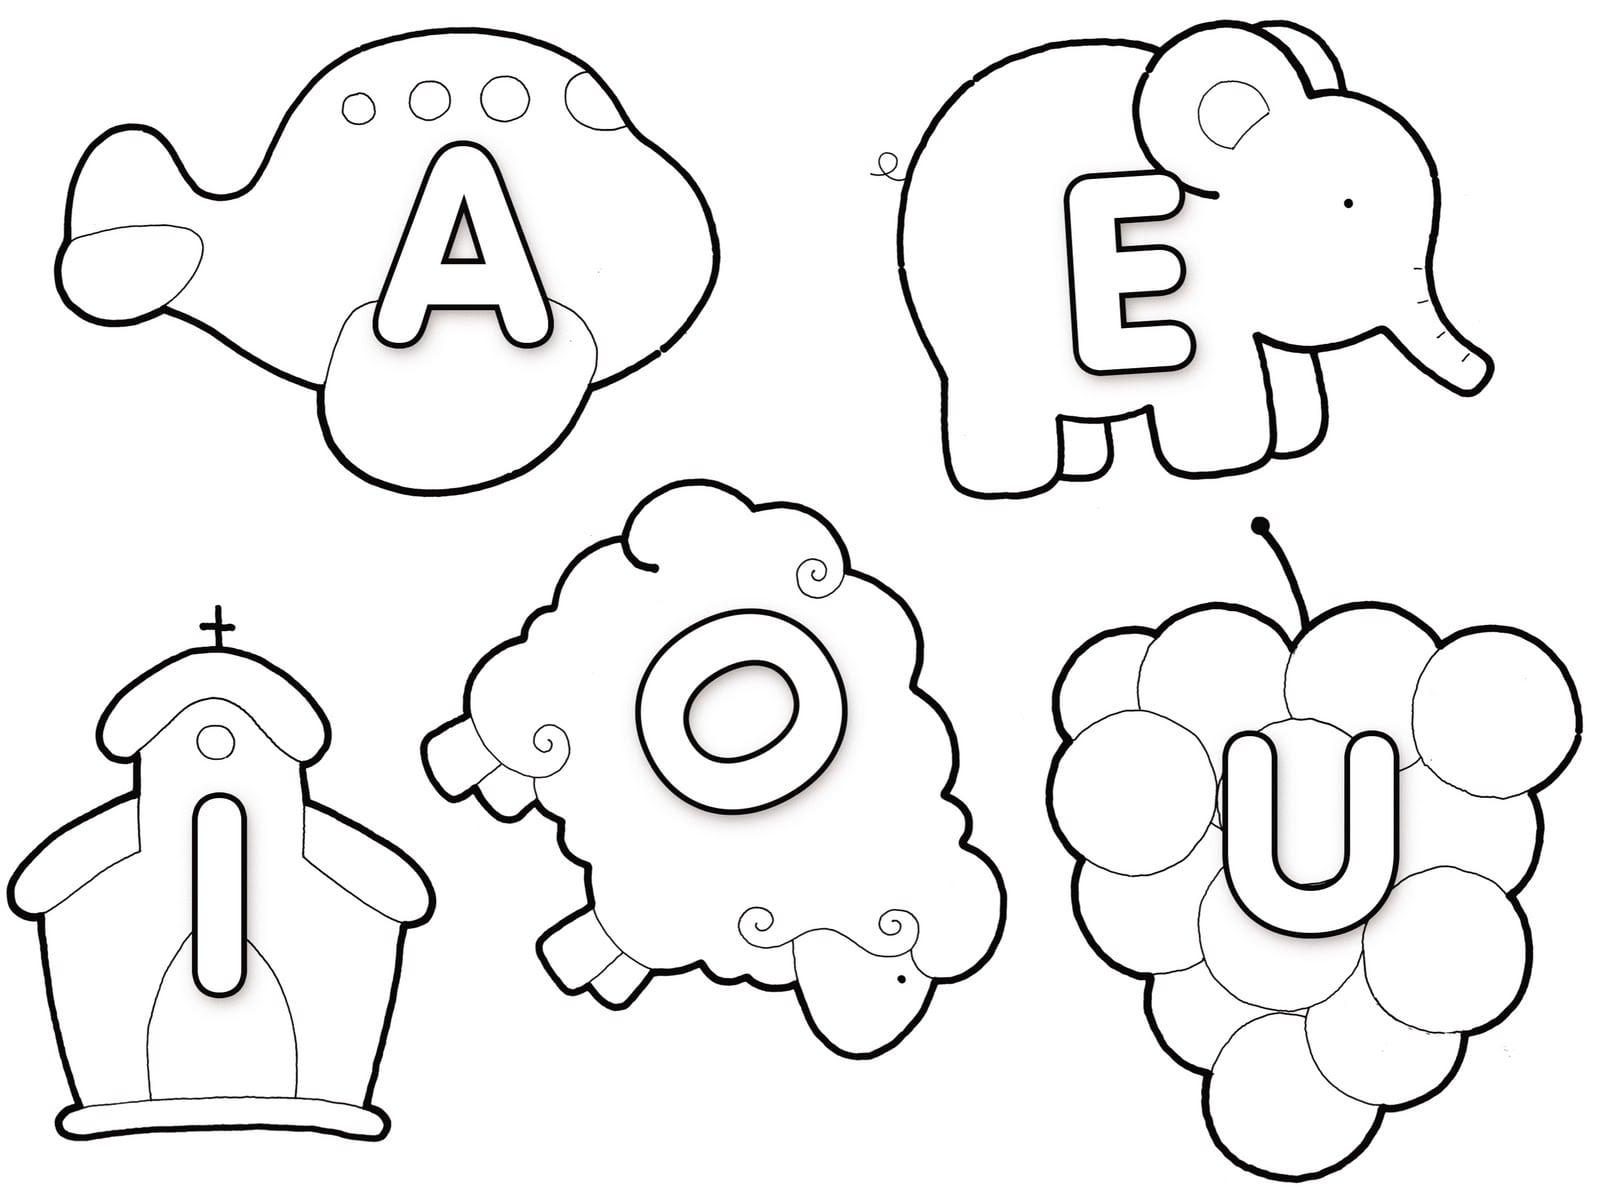 Desenhos educativos para colorir - Figuras decorativas grandes ...